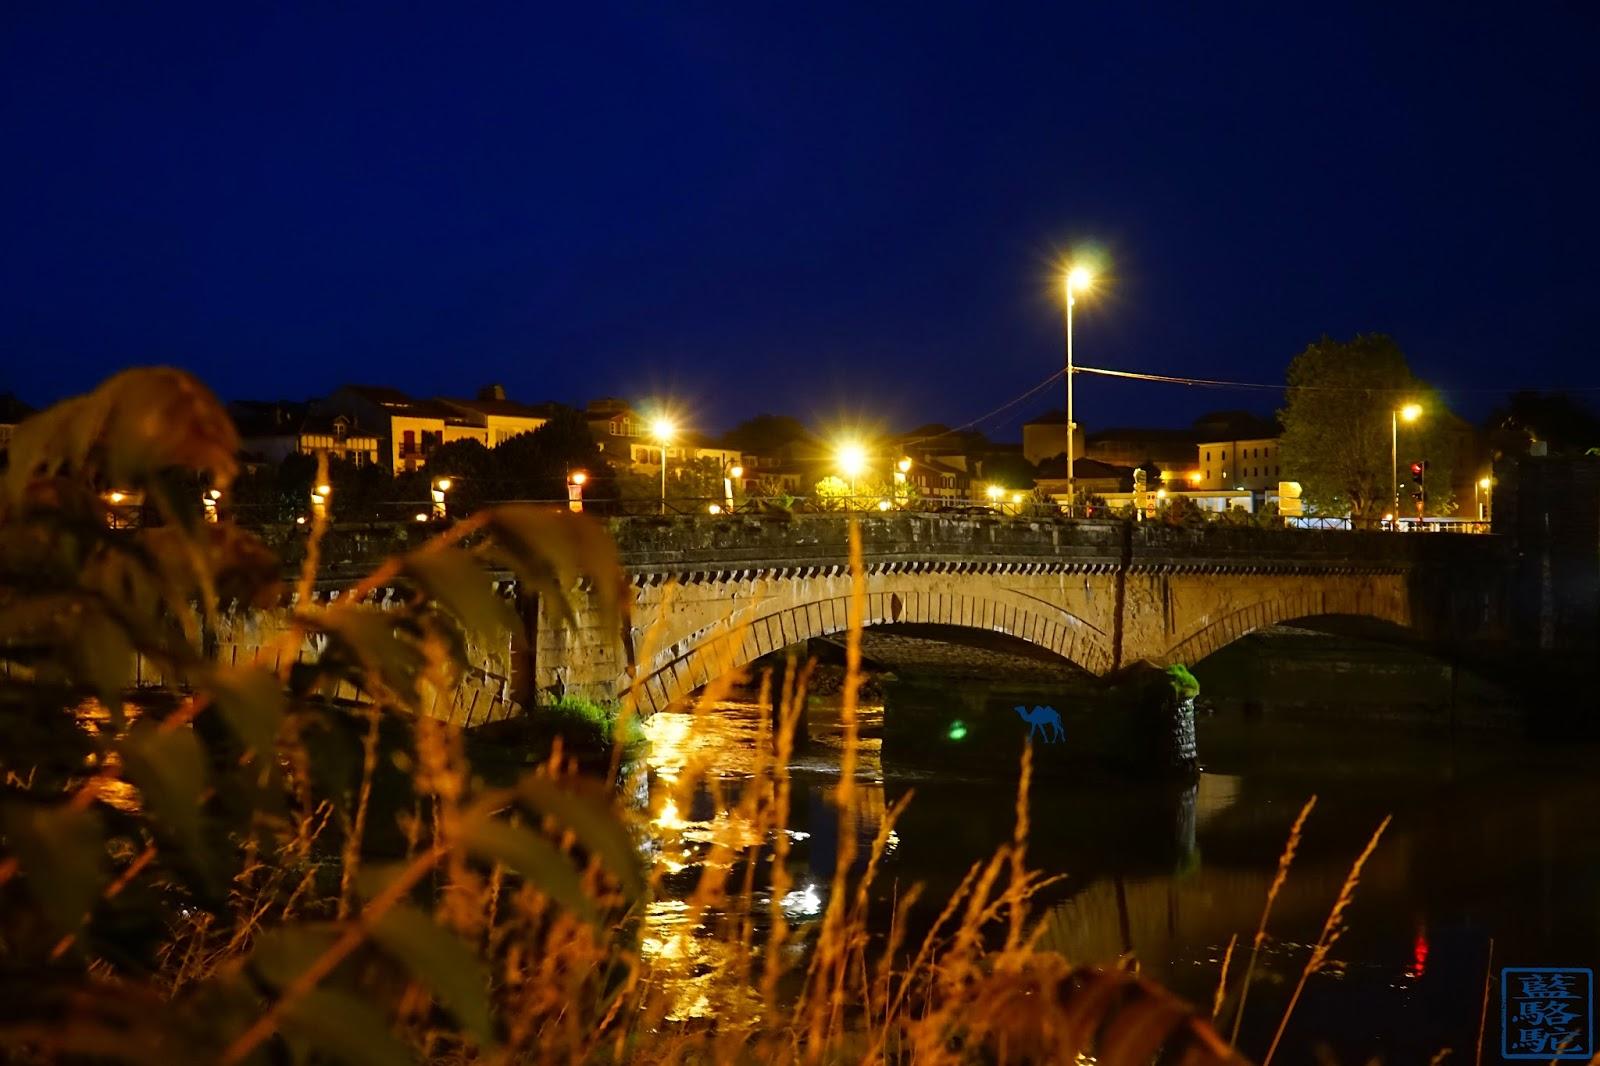 Le Chameau Bleu -Blog Voyage Bayonne France -  Pont du Génie  de  Bayonne - Pays Basque